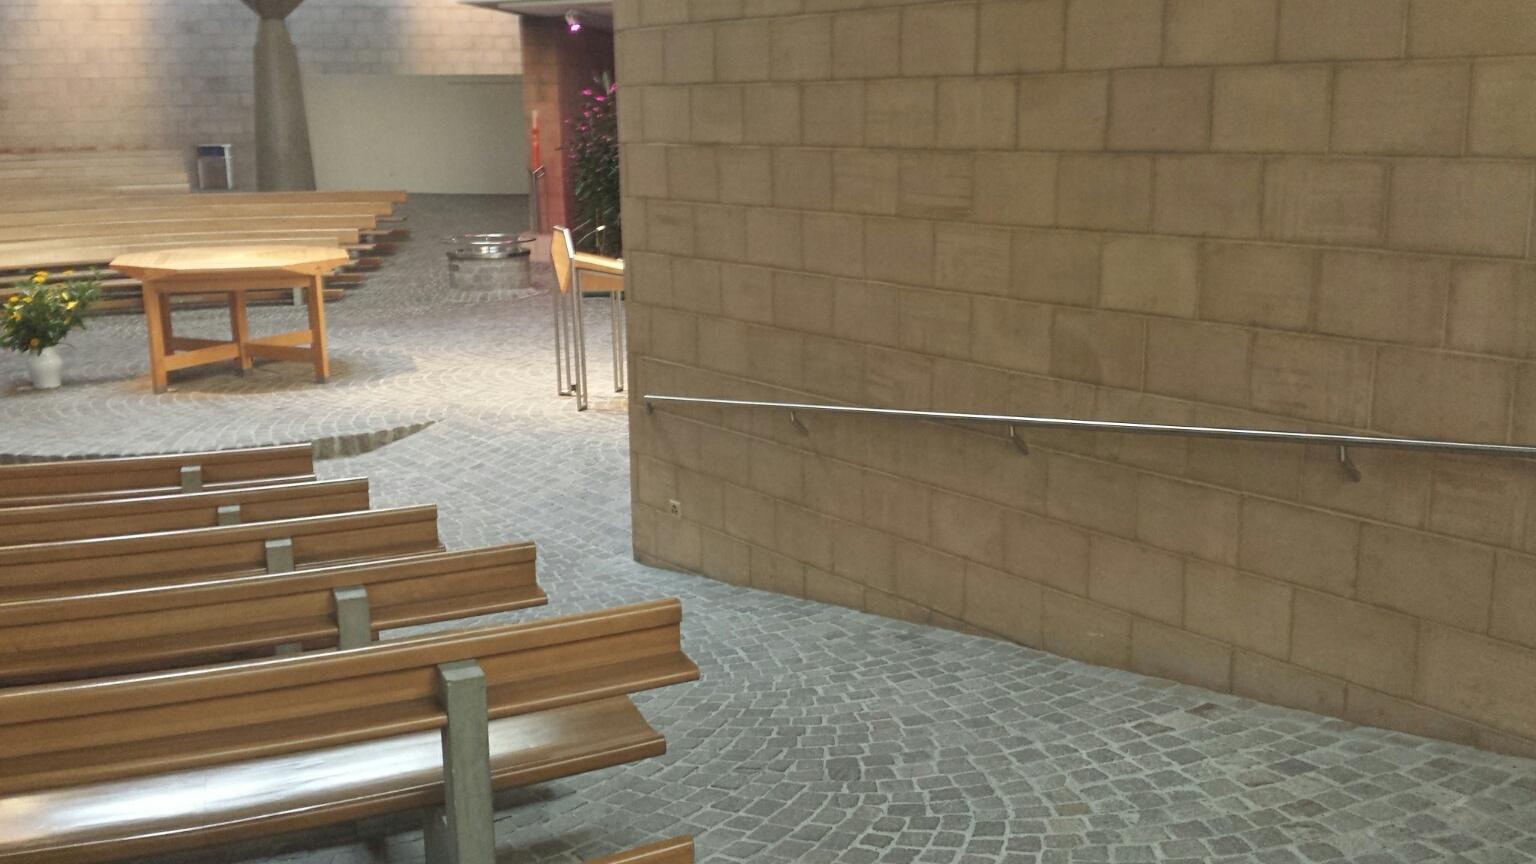 Damit die Kirchenbesucher sicher zum Altar kommen